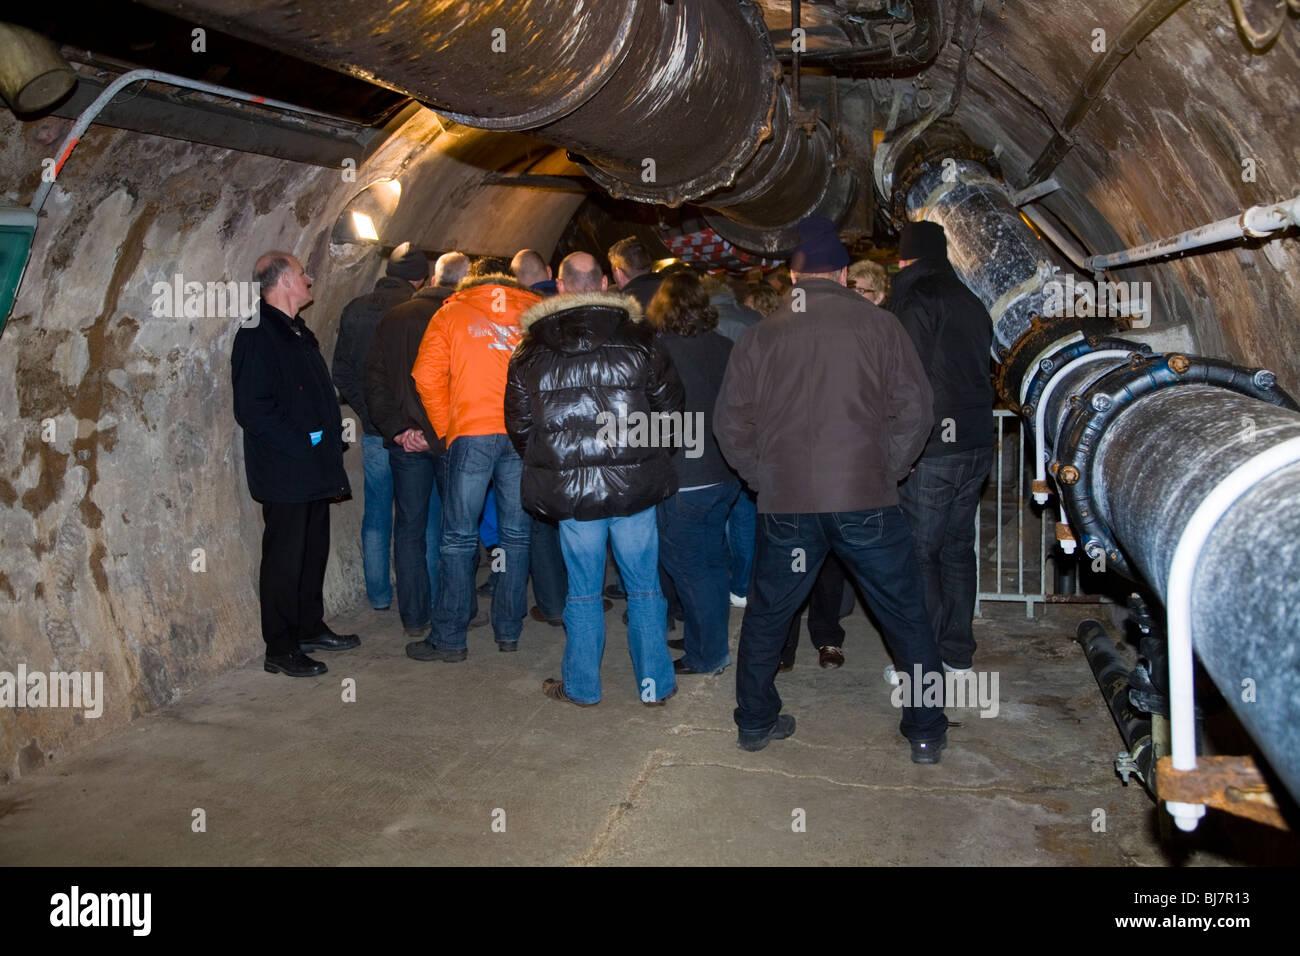 Group of tourists / tourist party tour inside Paris sewers – Visite Des Egouts De Paris / sewer museum visit in - Stock Image